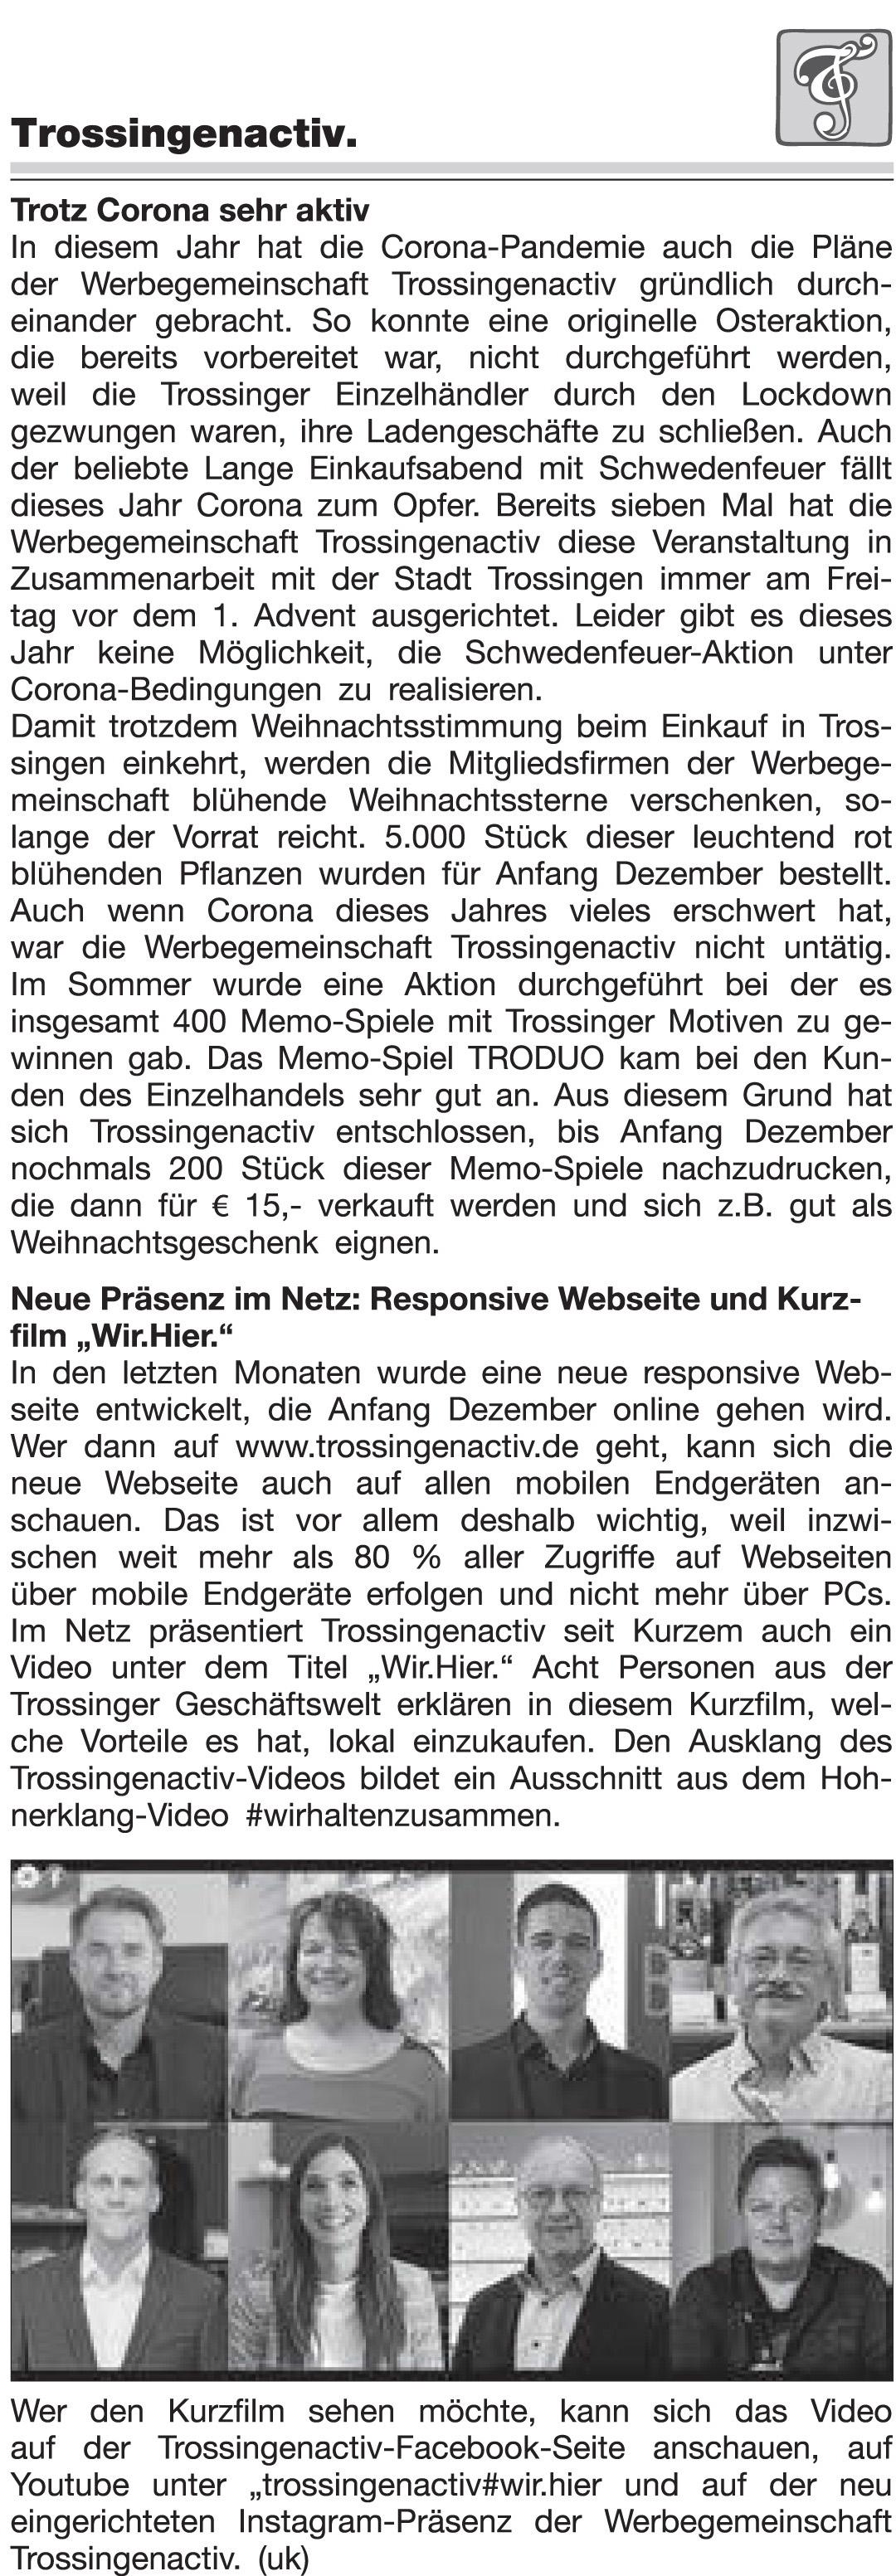 Mitteilungsblatt-Trossingen-19-11-2020